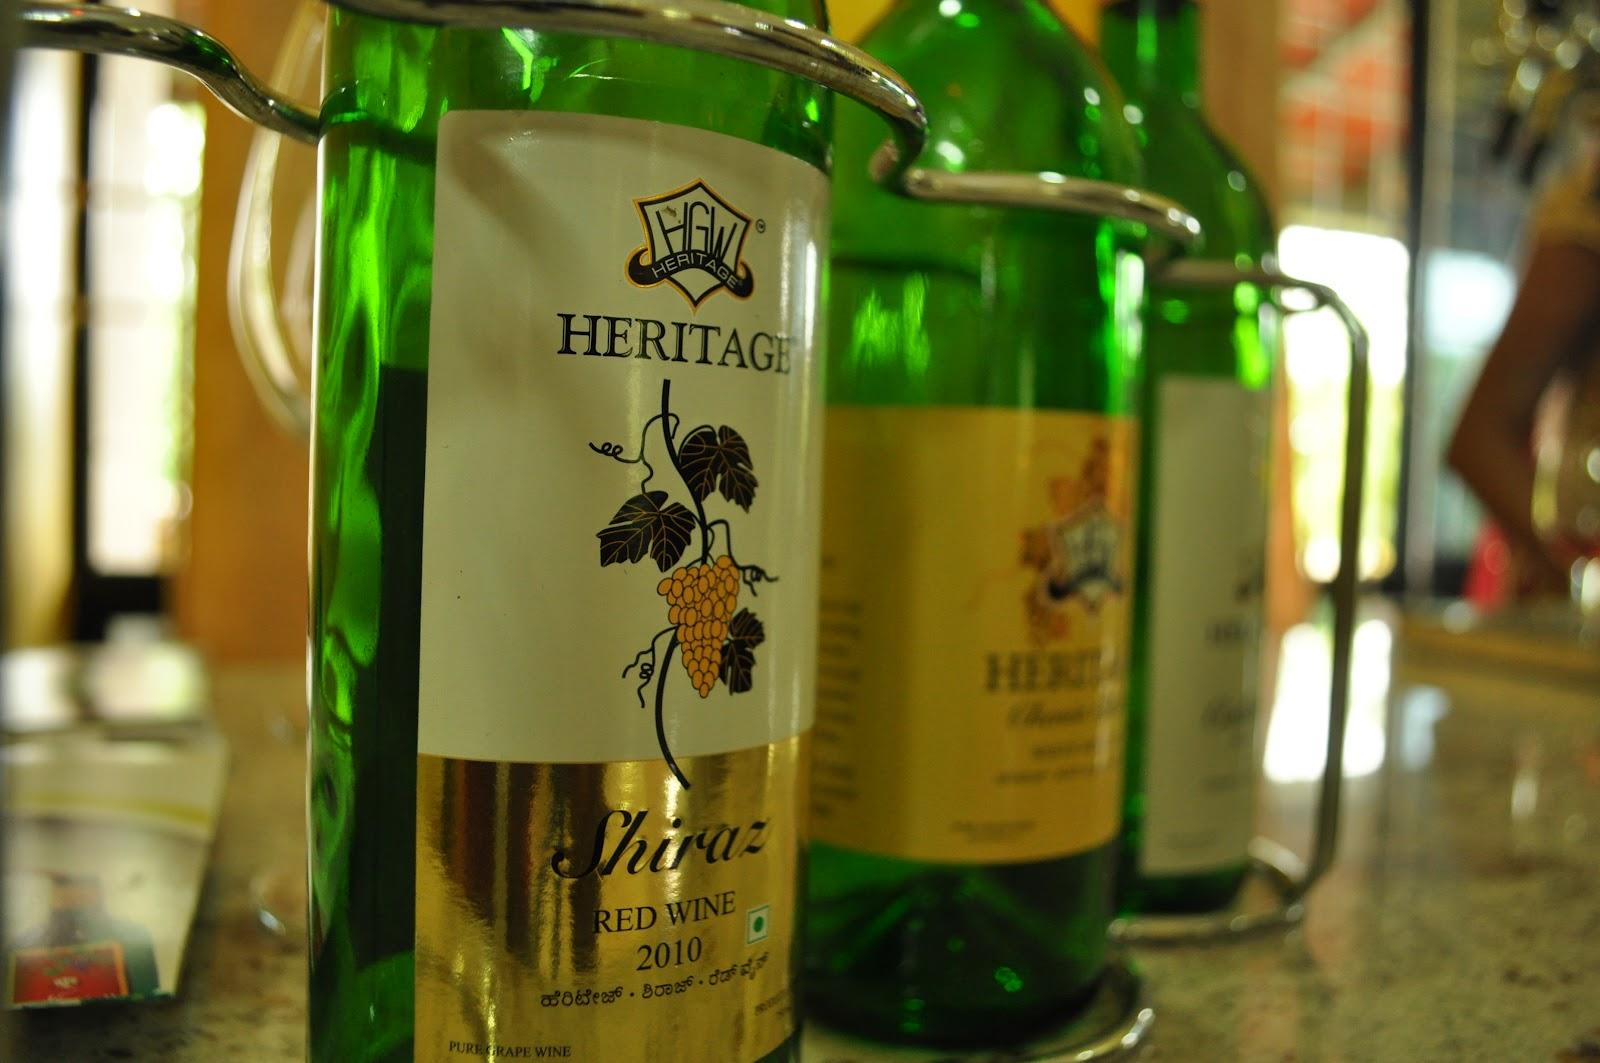 heritage wine tasting tour, heritage wines, wine tasting india, heritage wine tasting, wine tour bangalore